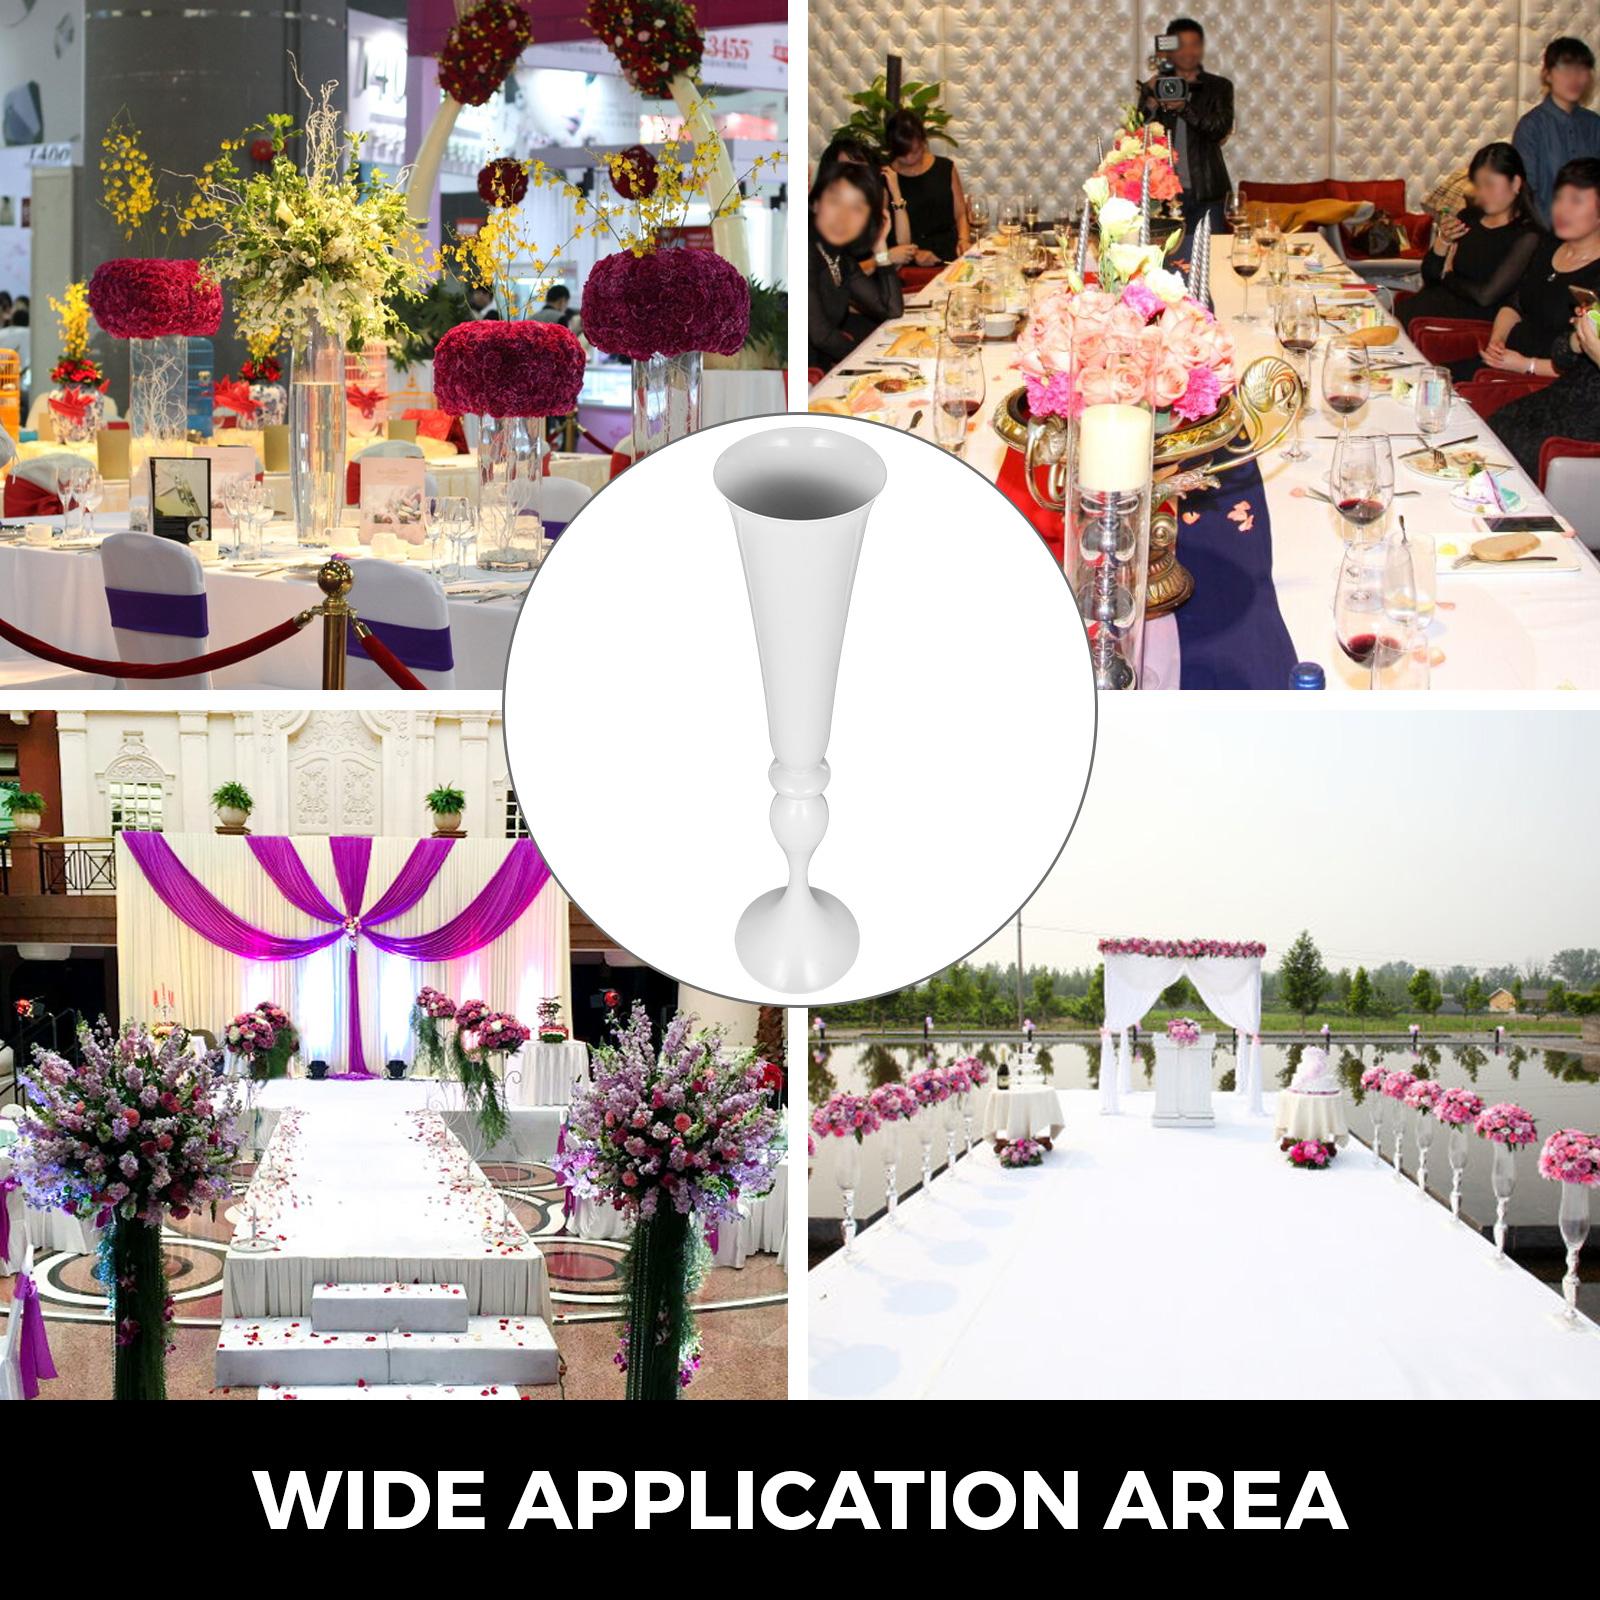 Trumpet-Vase-Flower-Vases-Centerpiece-29-5-034-22-034-for-Party-Celebration-Events thumbnail 115